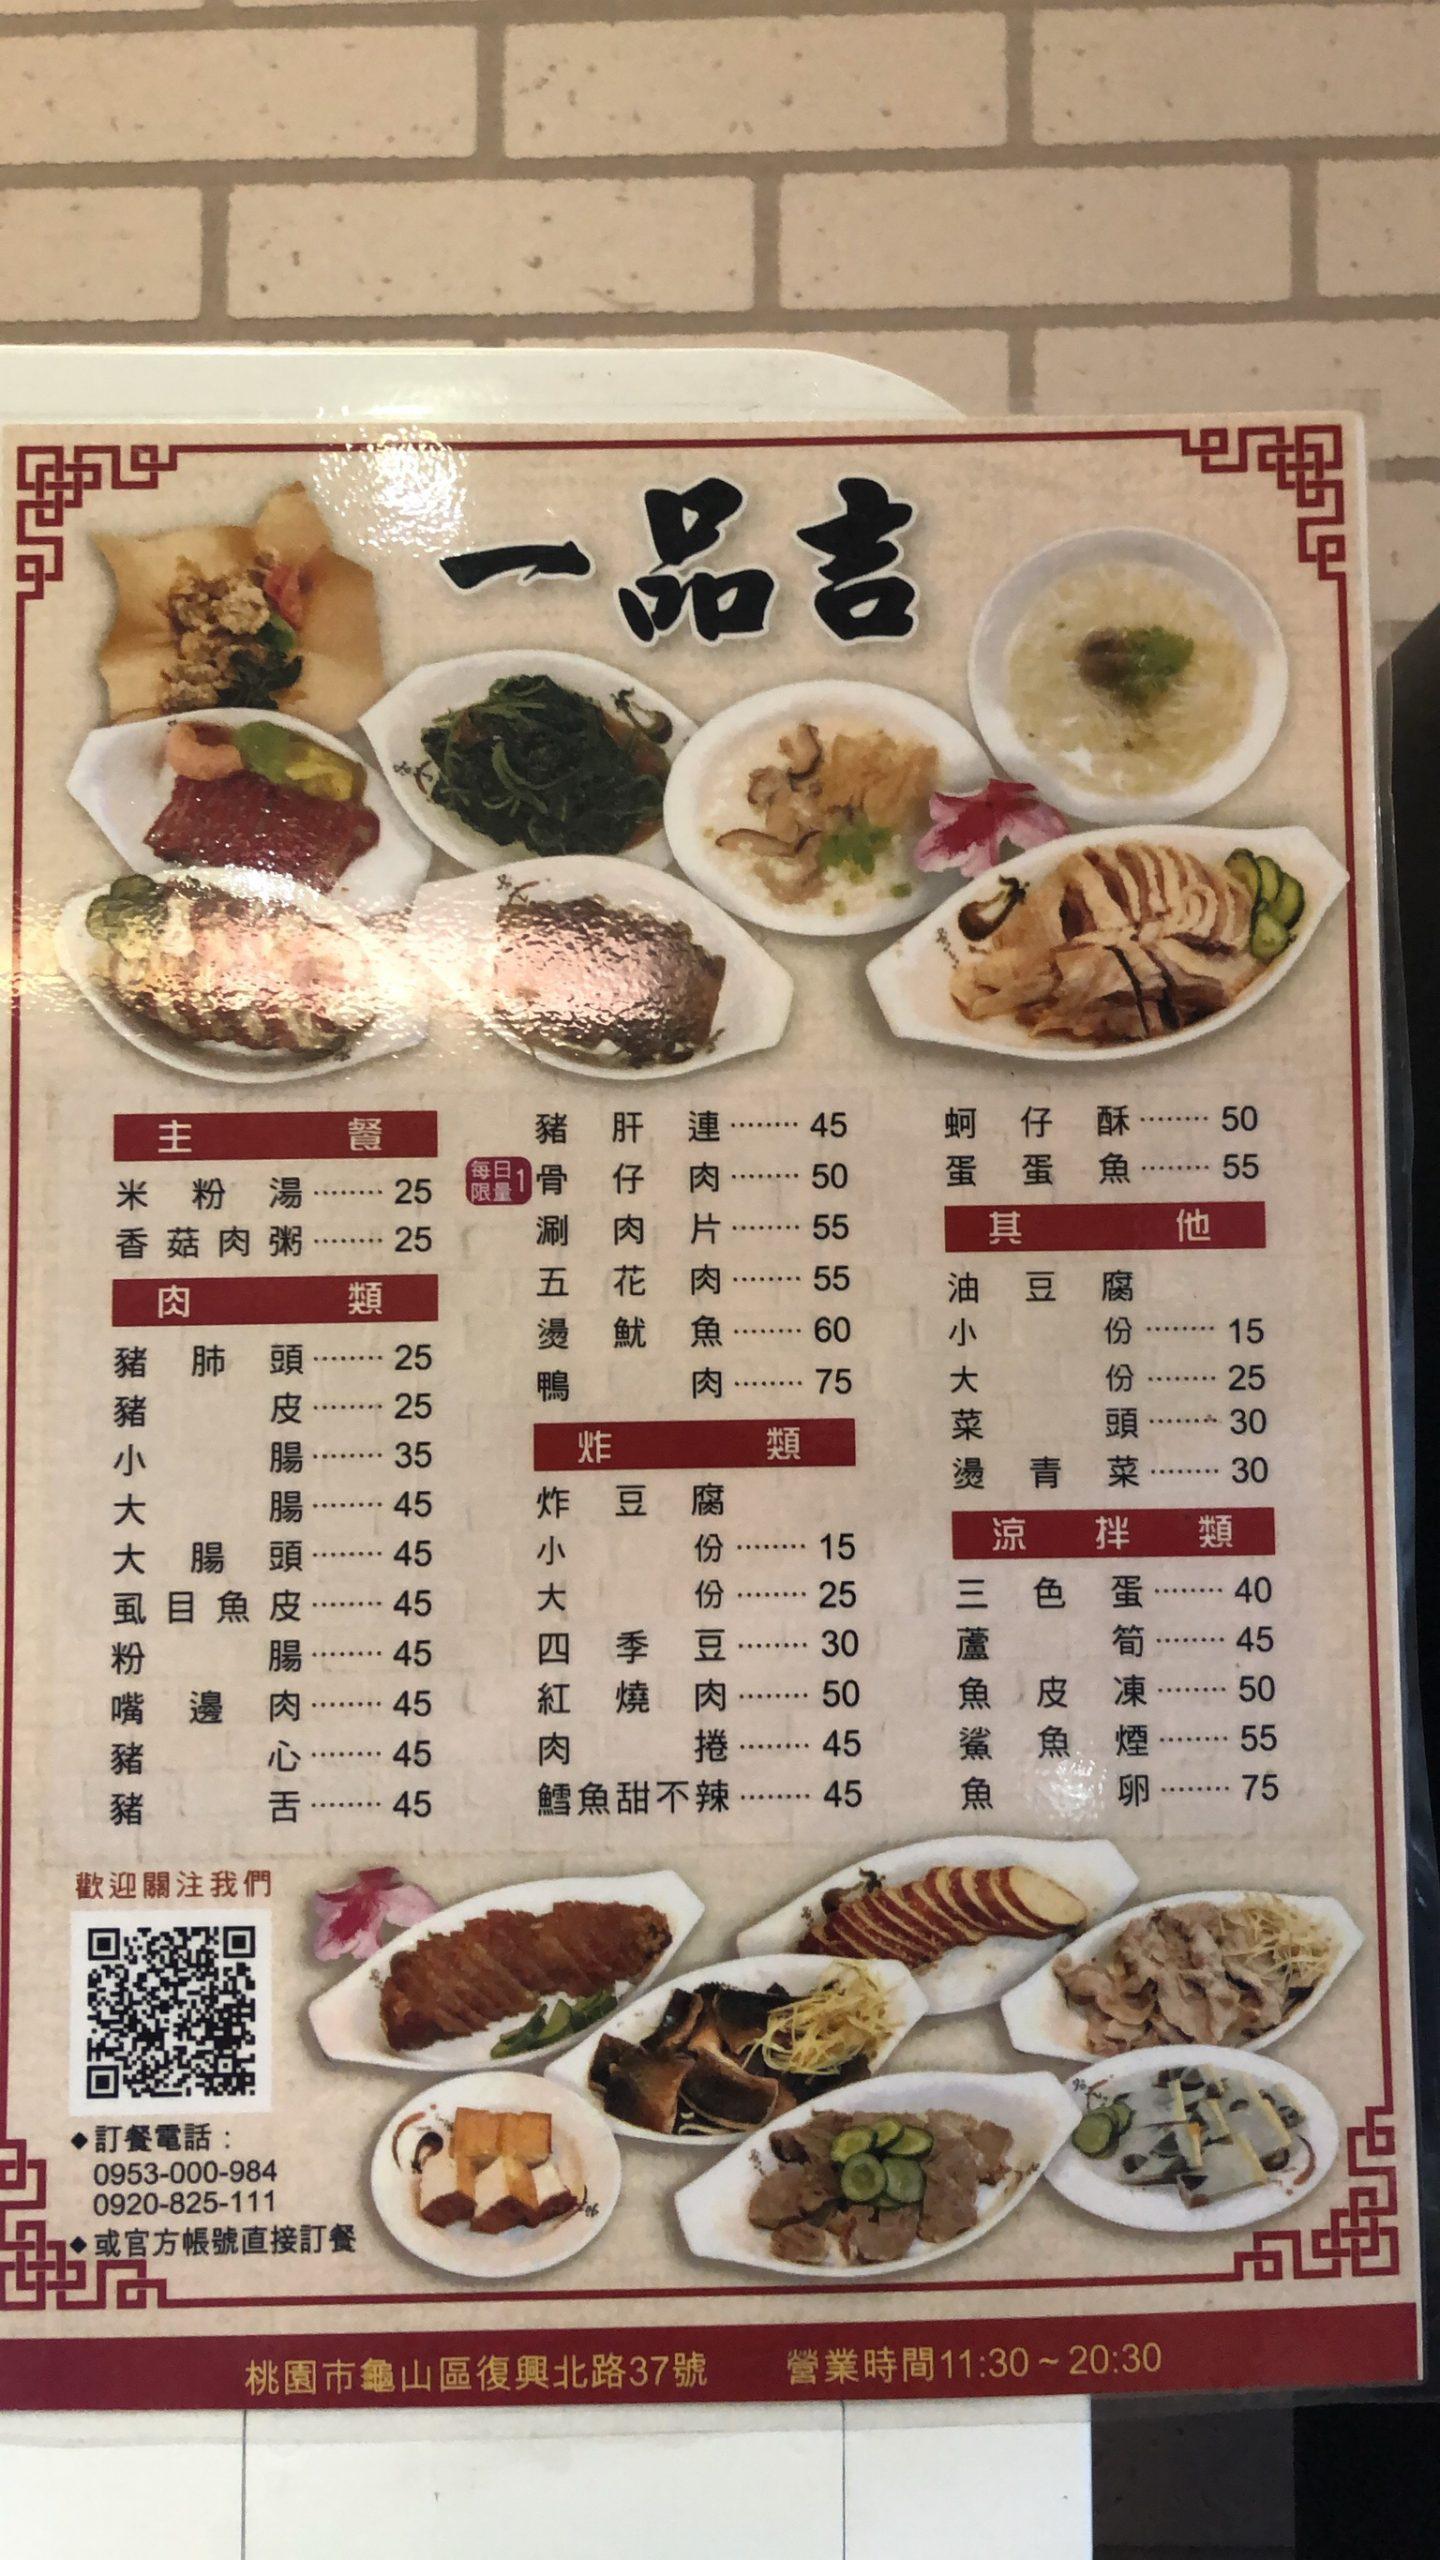 龜山美食,林口美食,林口長庚美食,一品吉,米粉湯,大腸米粉湯,小菜